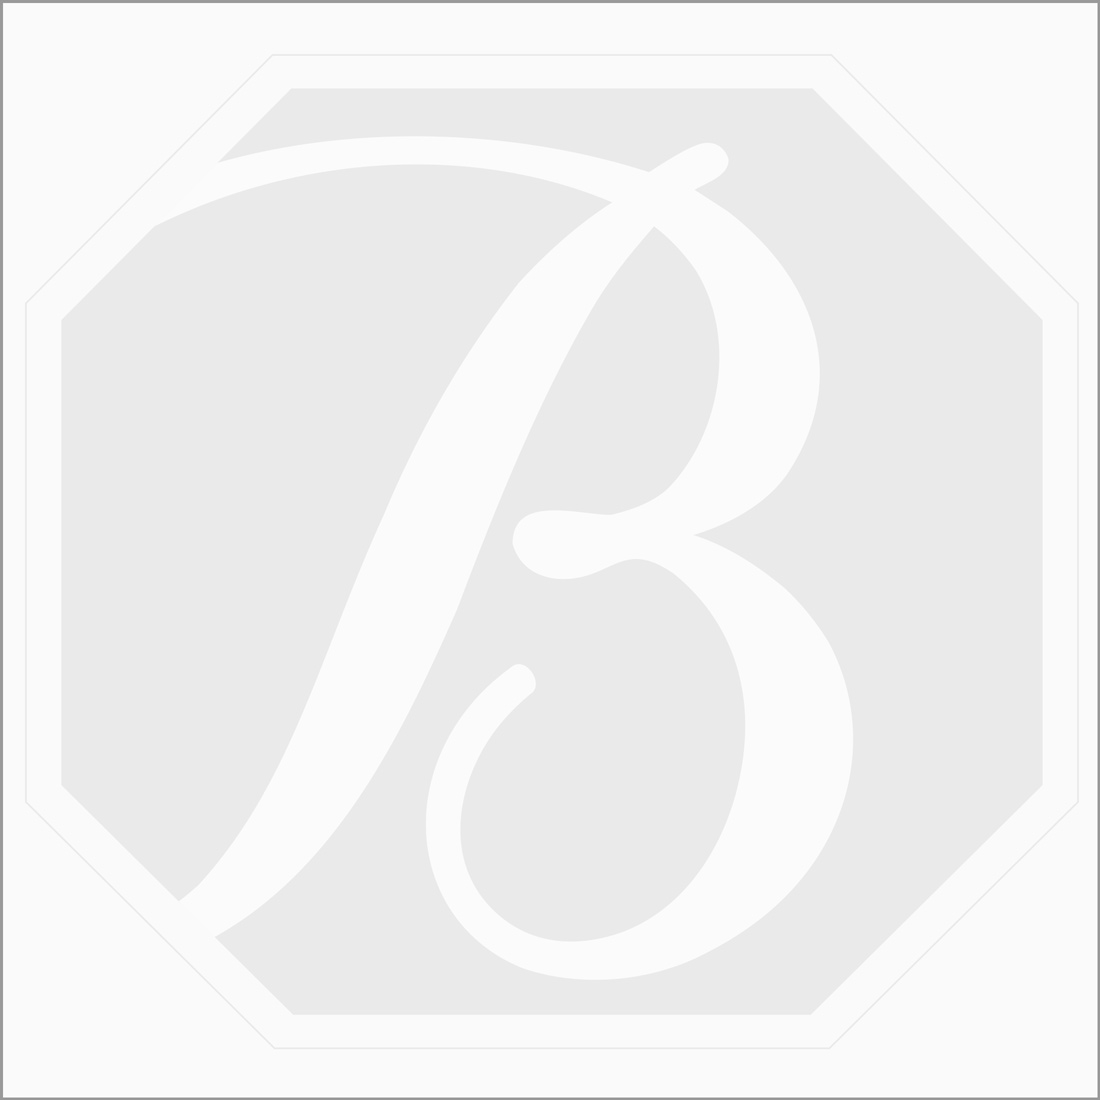 2 Pcs - Dark Green Tourmaline Rose Cuts - 5.83 ct. - 12.7 x 9.9 x 2.5 mm & 13.2 x 9.6 x 2.7 mm (TRC1023)